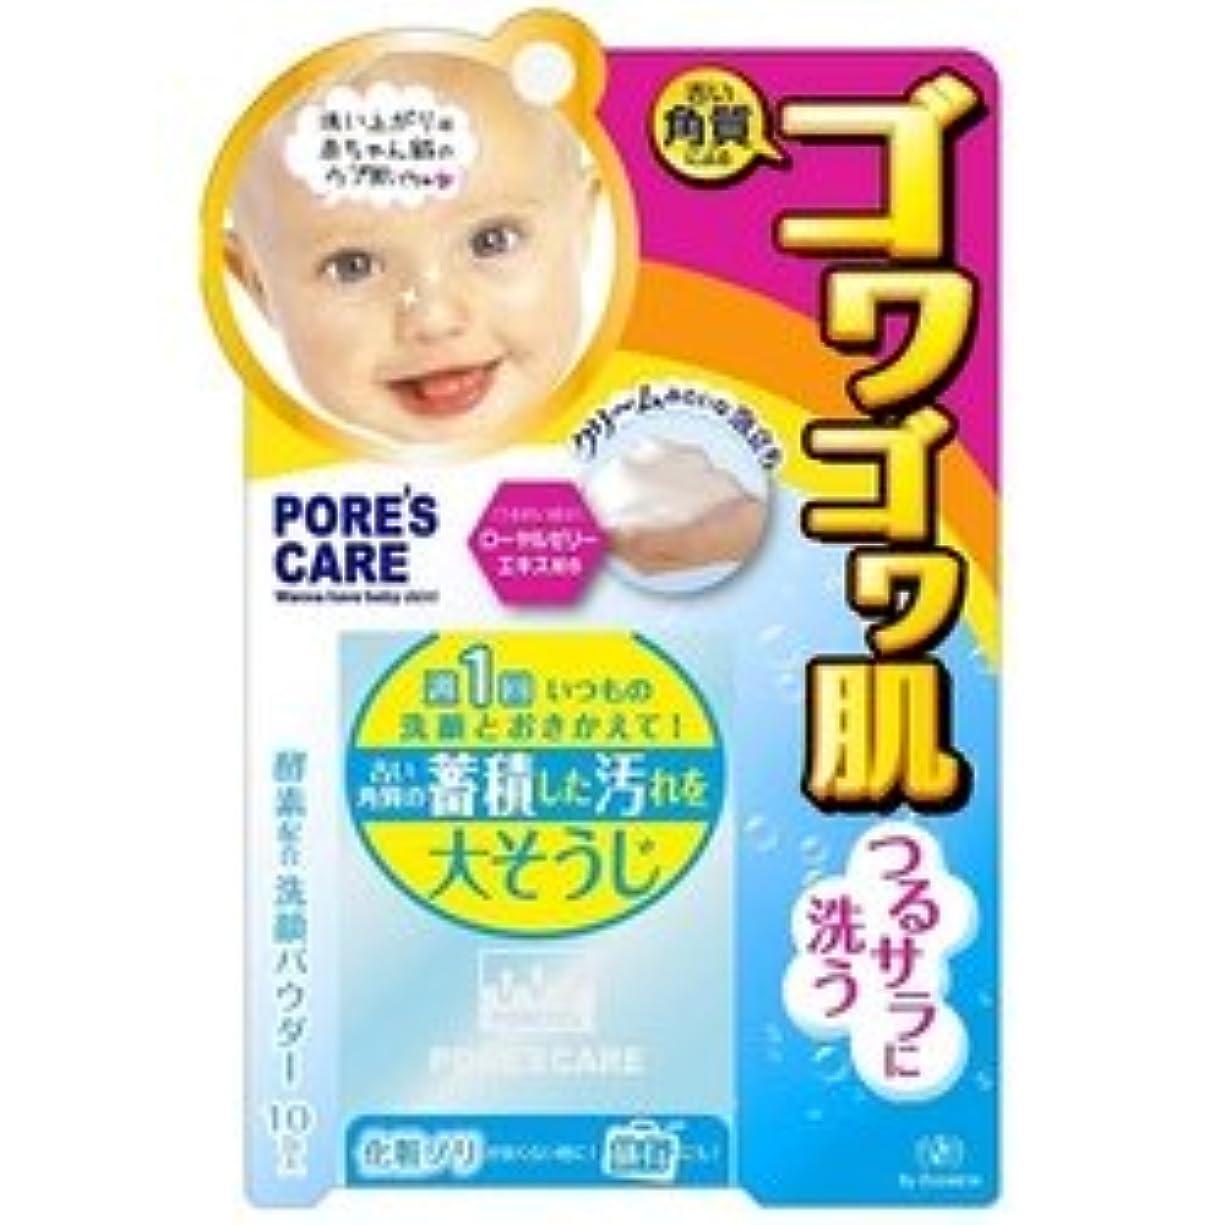 中毒パケット驚いた【エリザベス】ポアトル角質クリアパウダー洗顔料 10包 ×3個セット